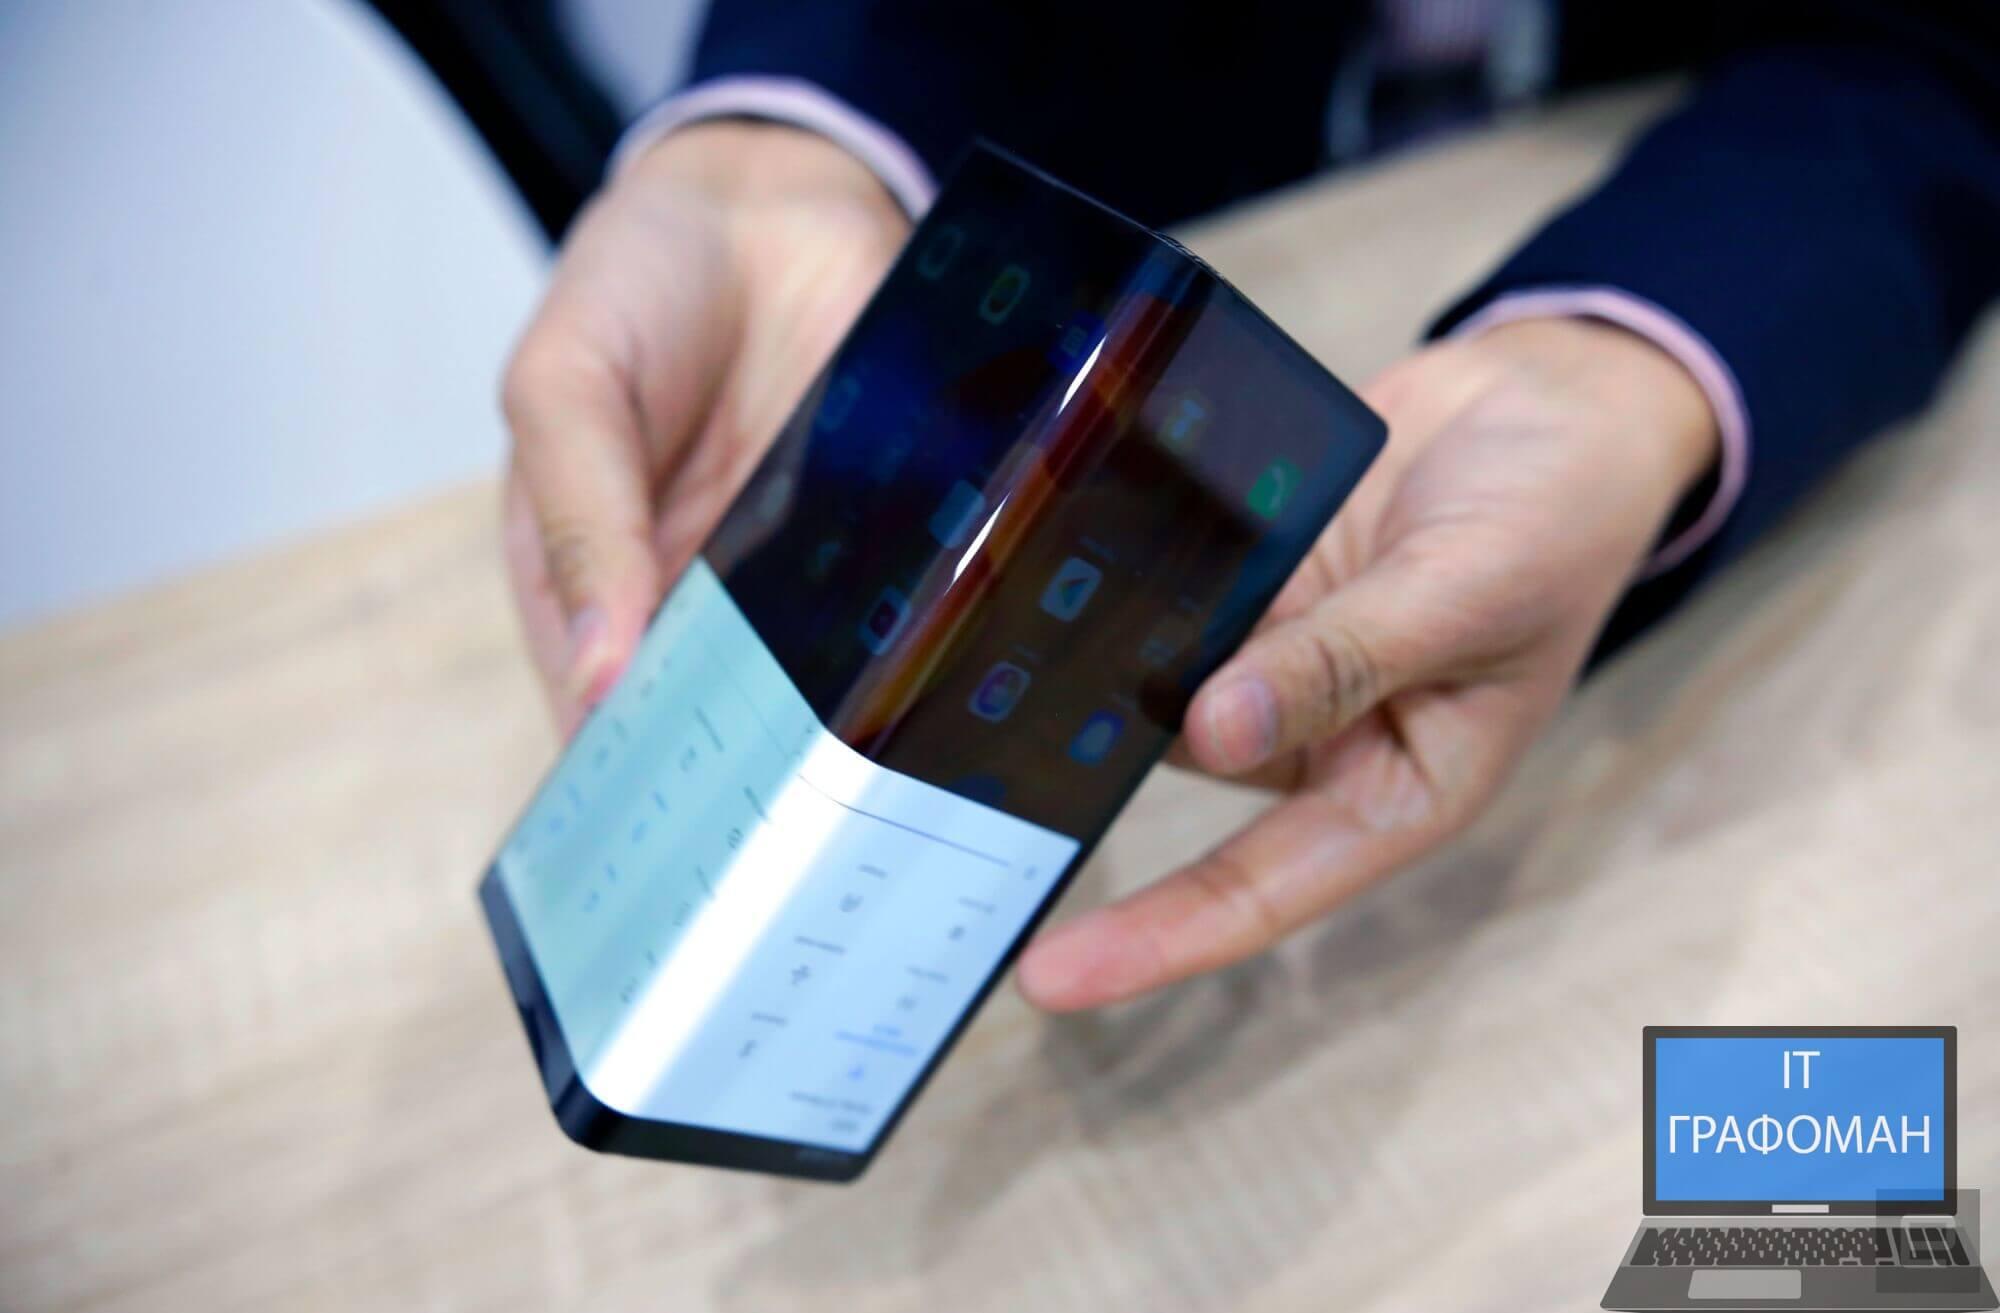 Гибкий смартфон Huawei Mate X. Удивительно и даже невероятно